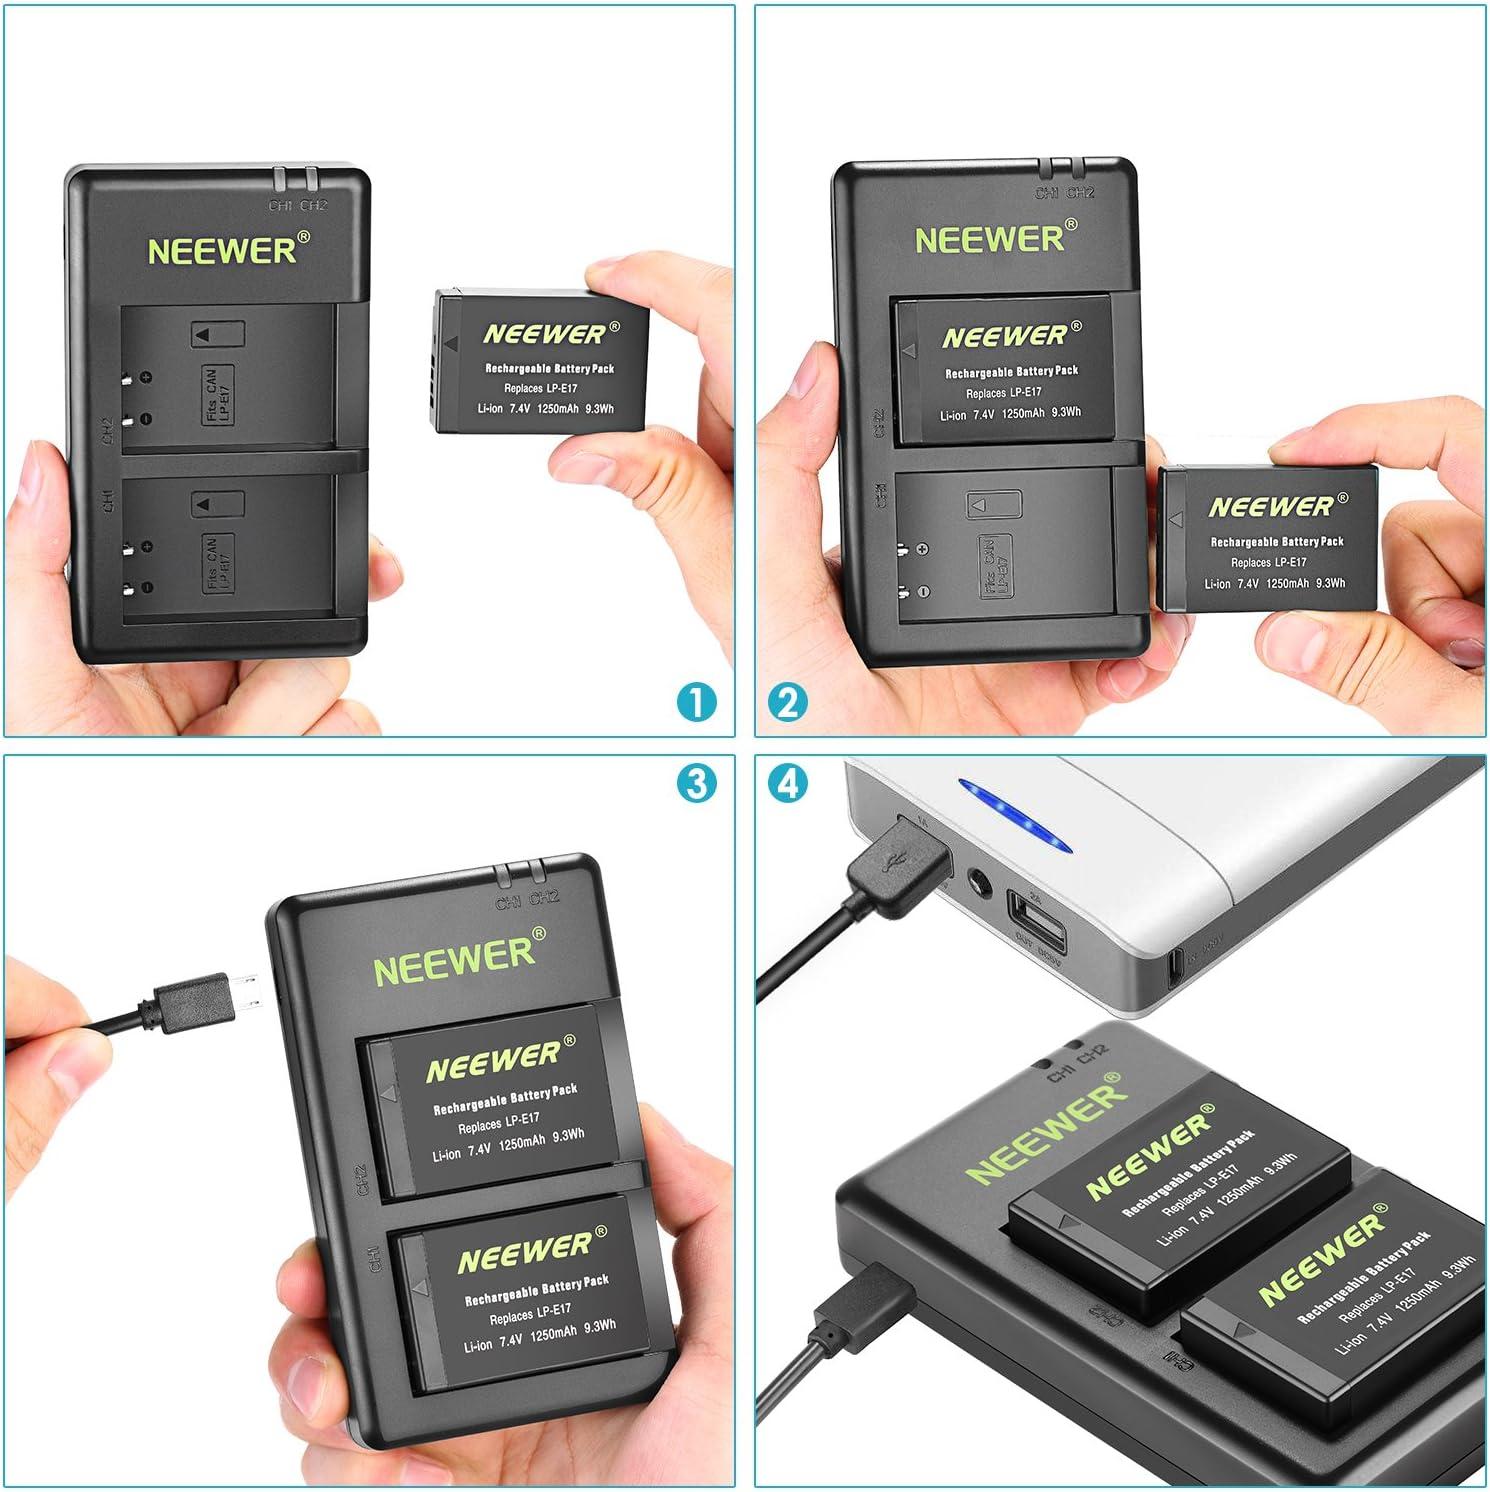 DCR-TRV17 DCR-TRV18 MiniDV Handycam Camcorder LCD Quick Battery Charger for Sony DCR-TRV14 DCR-TRV16 DCR-TRV15